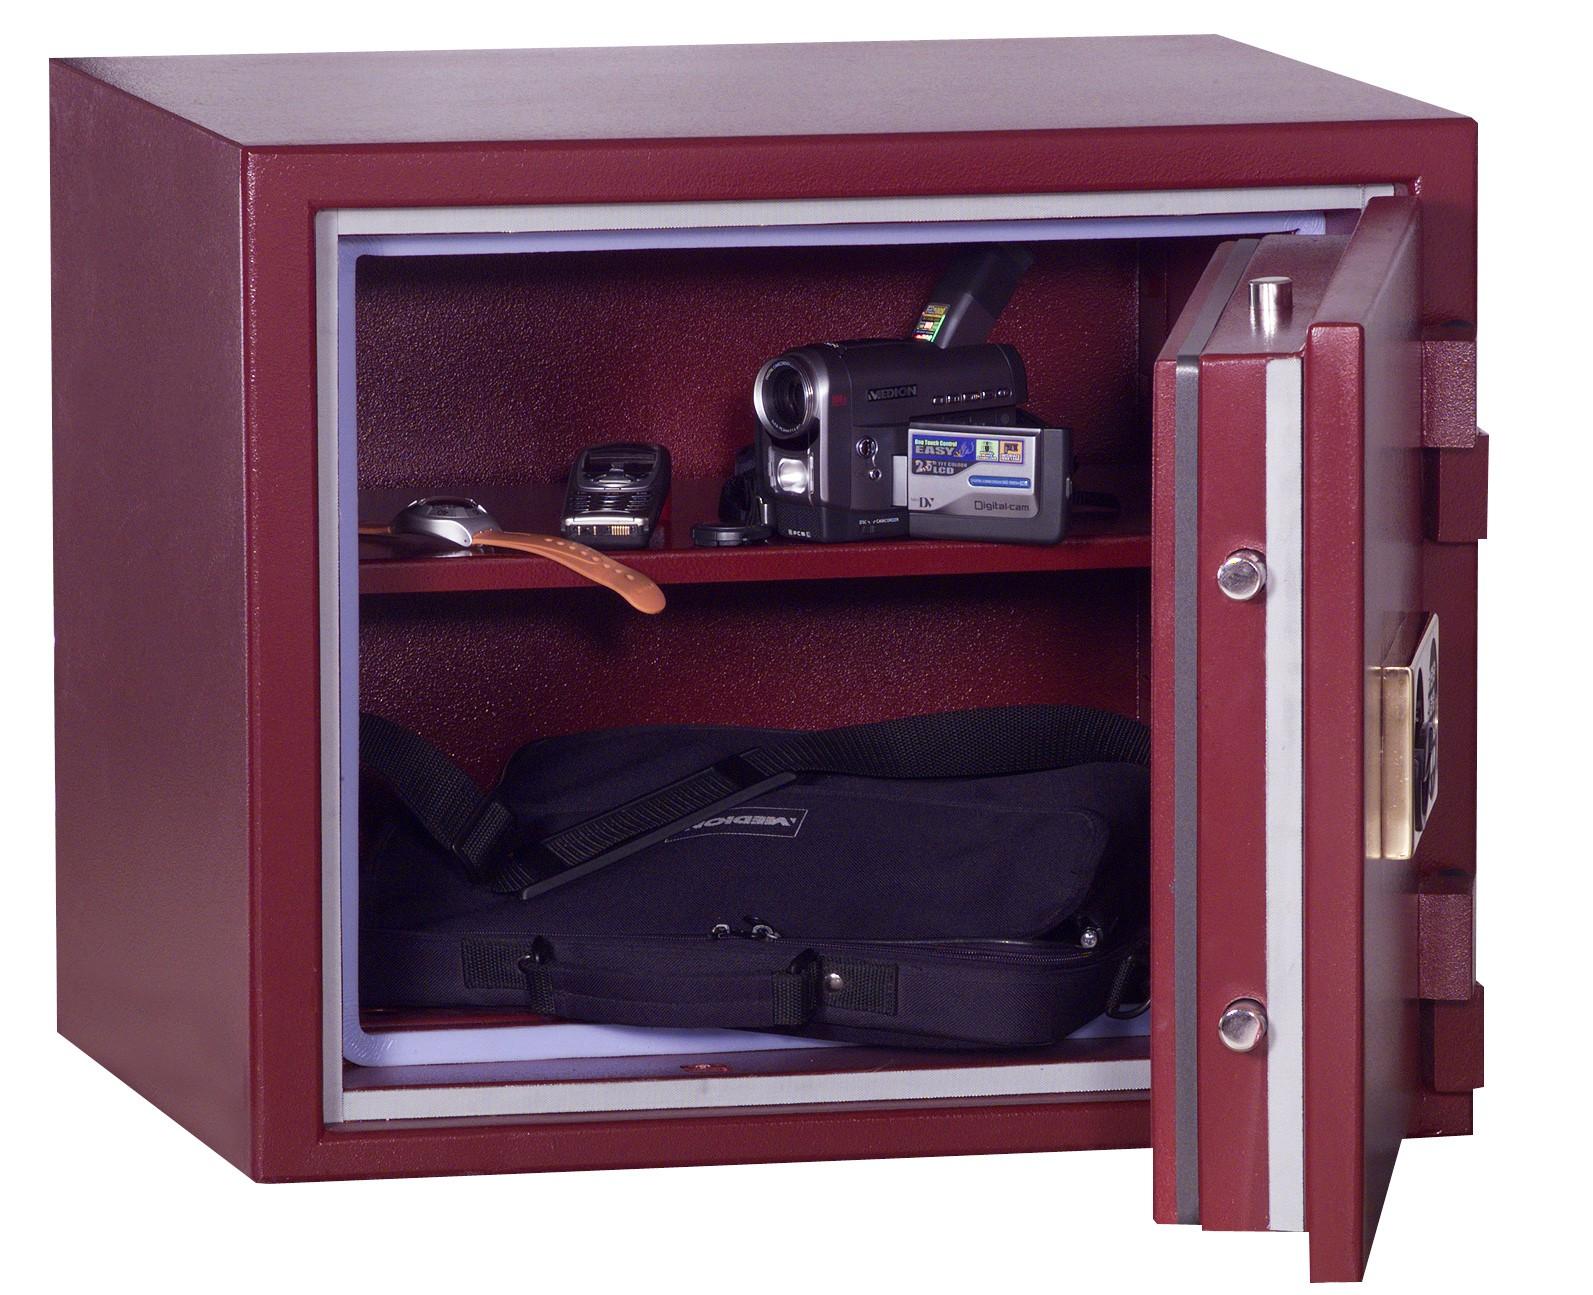 Alle Hotel- und Schranksafes für Schränke und Möbel